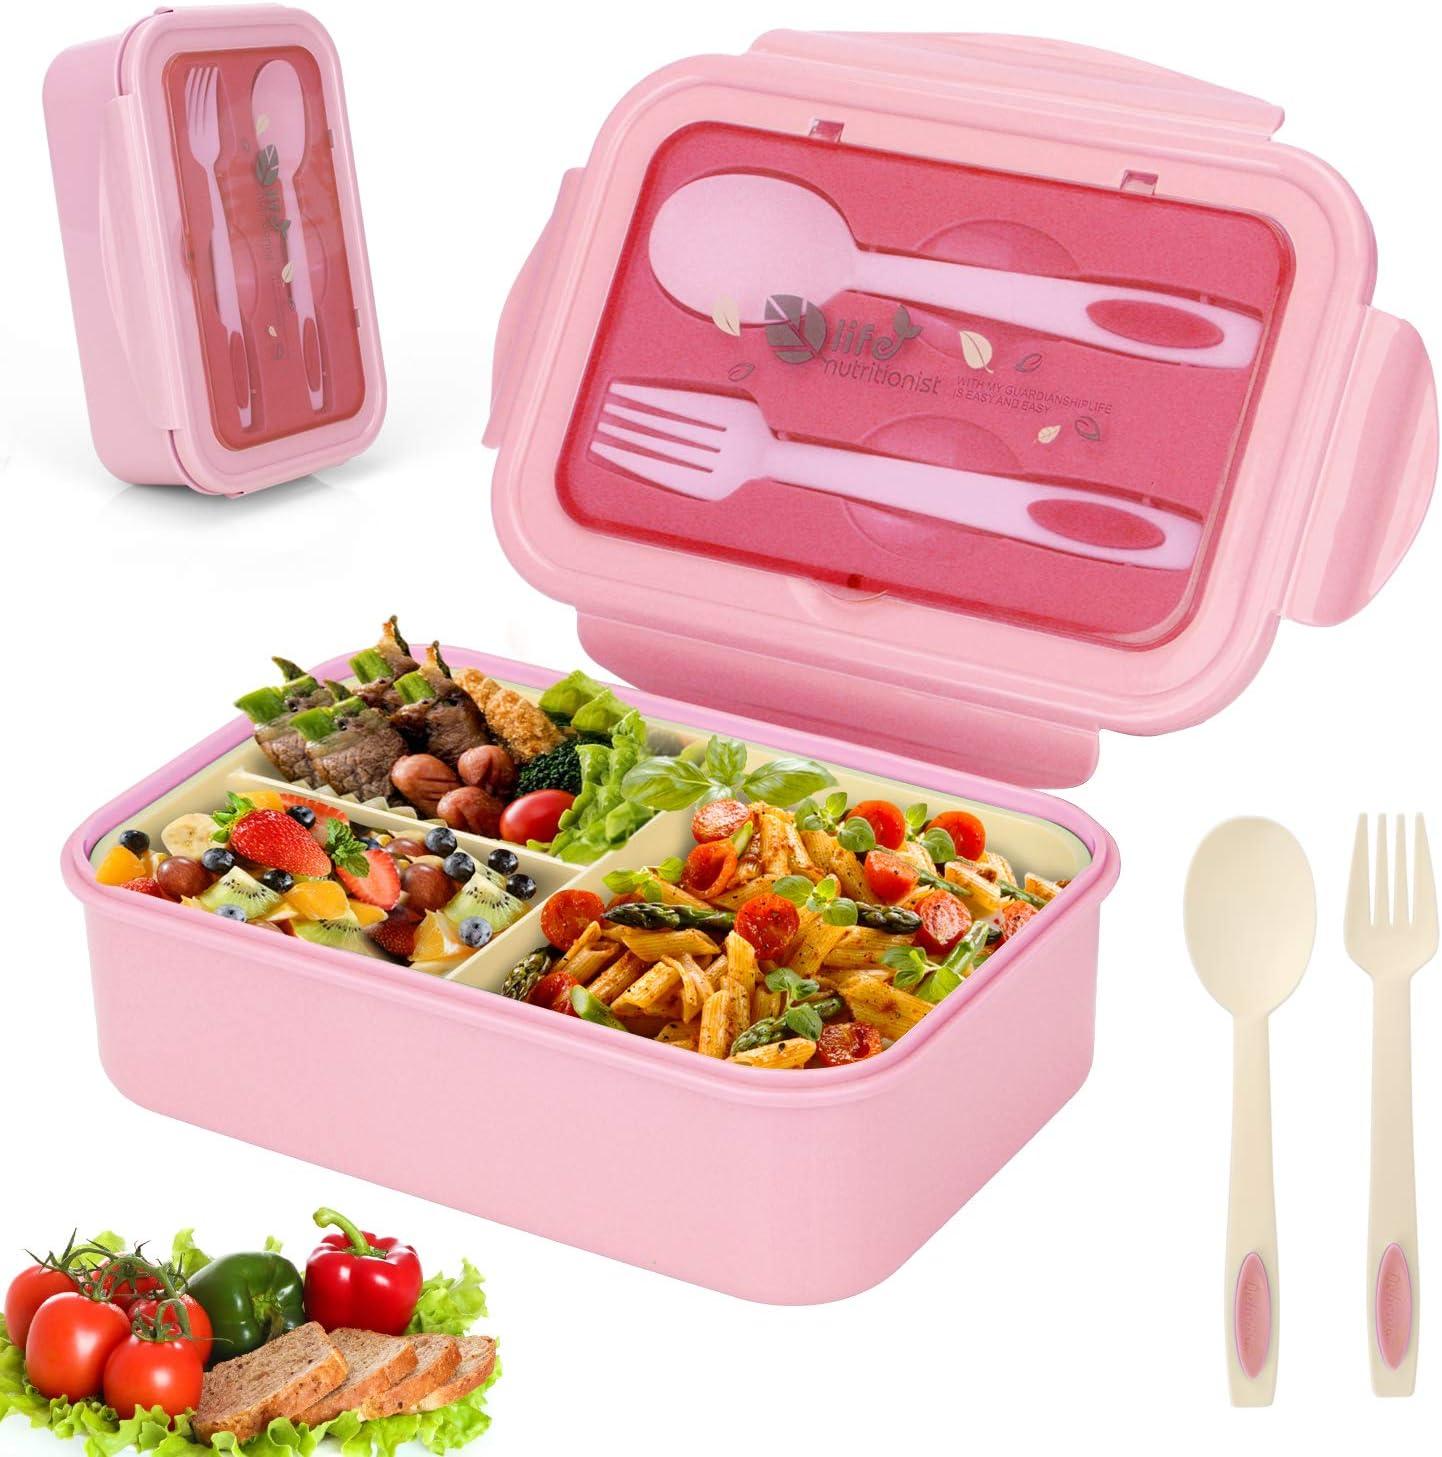 Sinwind Fambrera Infantil, Lunch Box, Bento Box, Fiambrera con 3 Compartimientos, Cuchara Tenedor Lonchera, Bento Box Sostenible, para Microondas y Lavavajillas (Rosado)